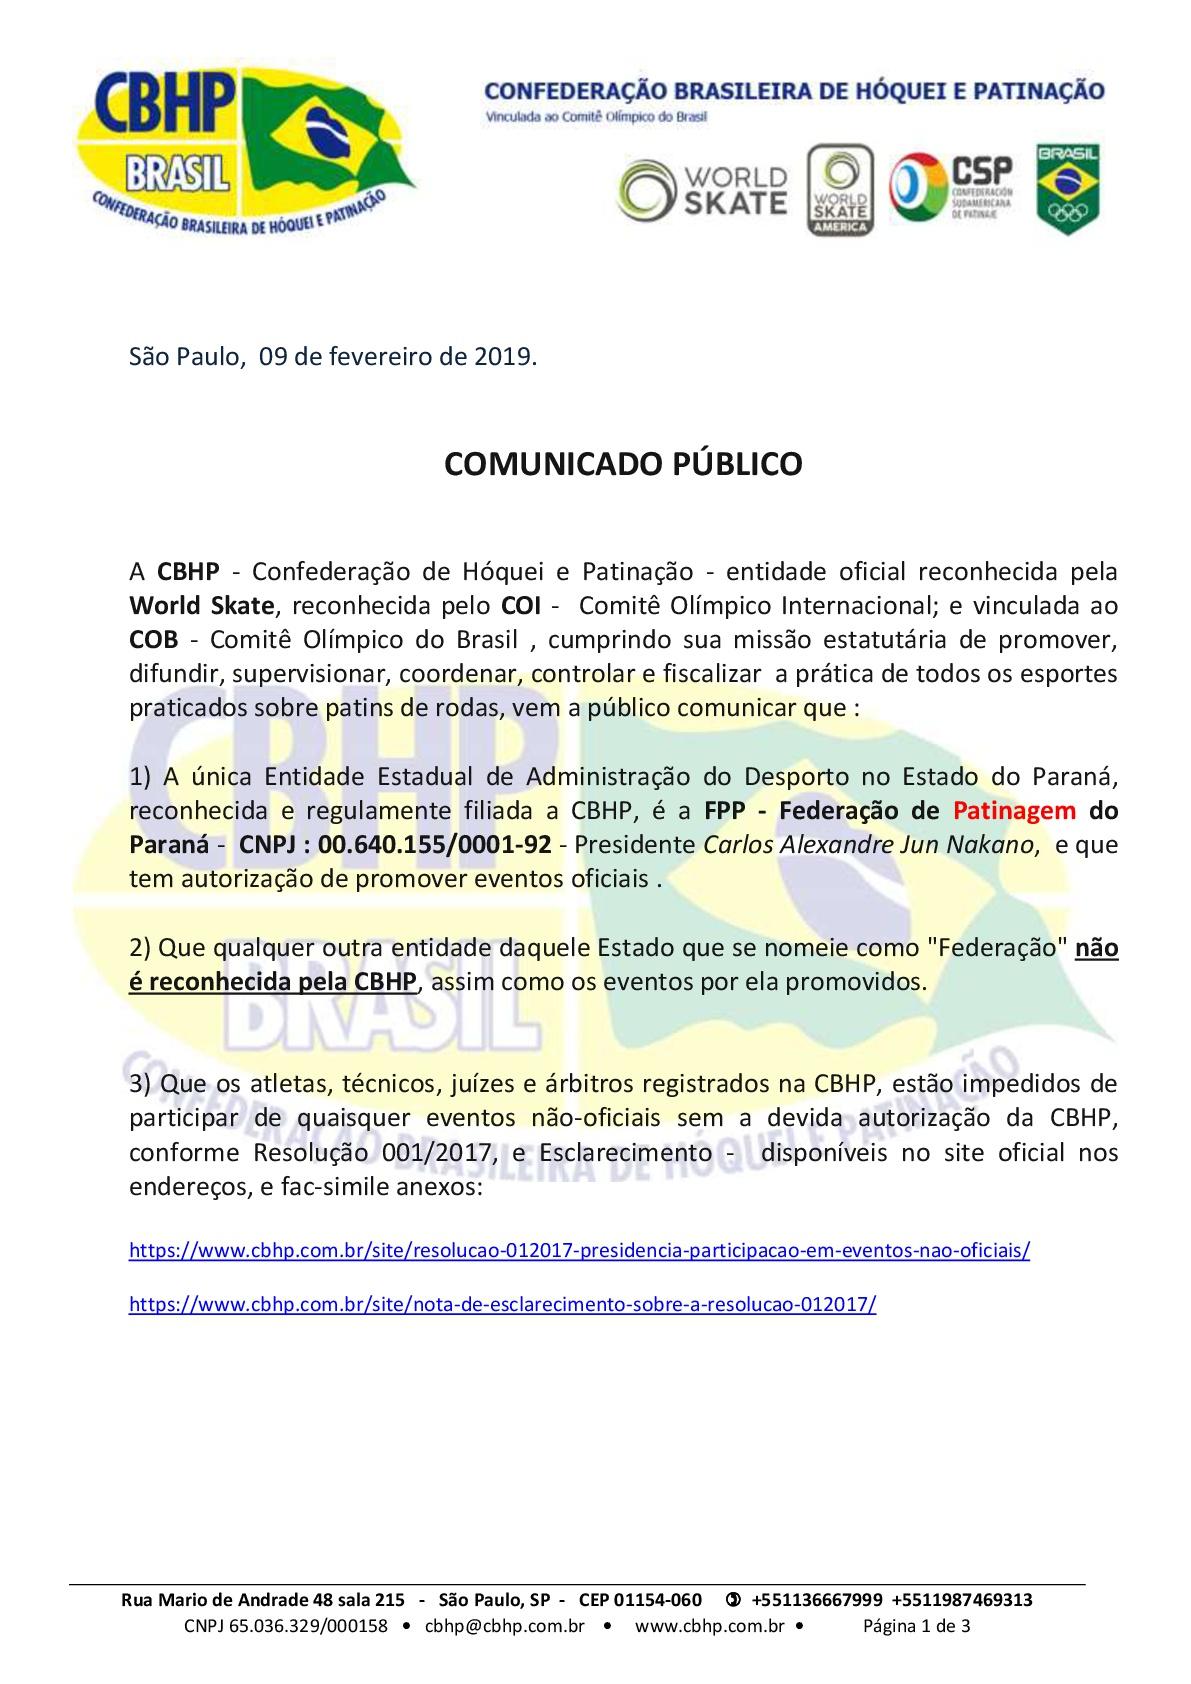 Comunicado Público - Federação Oficial de Hóquei e Patinação no Paraná